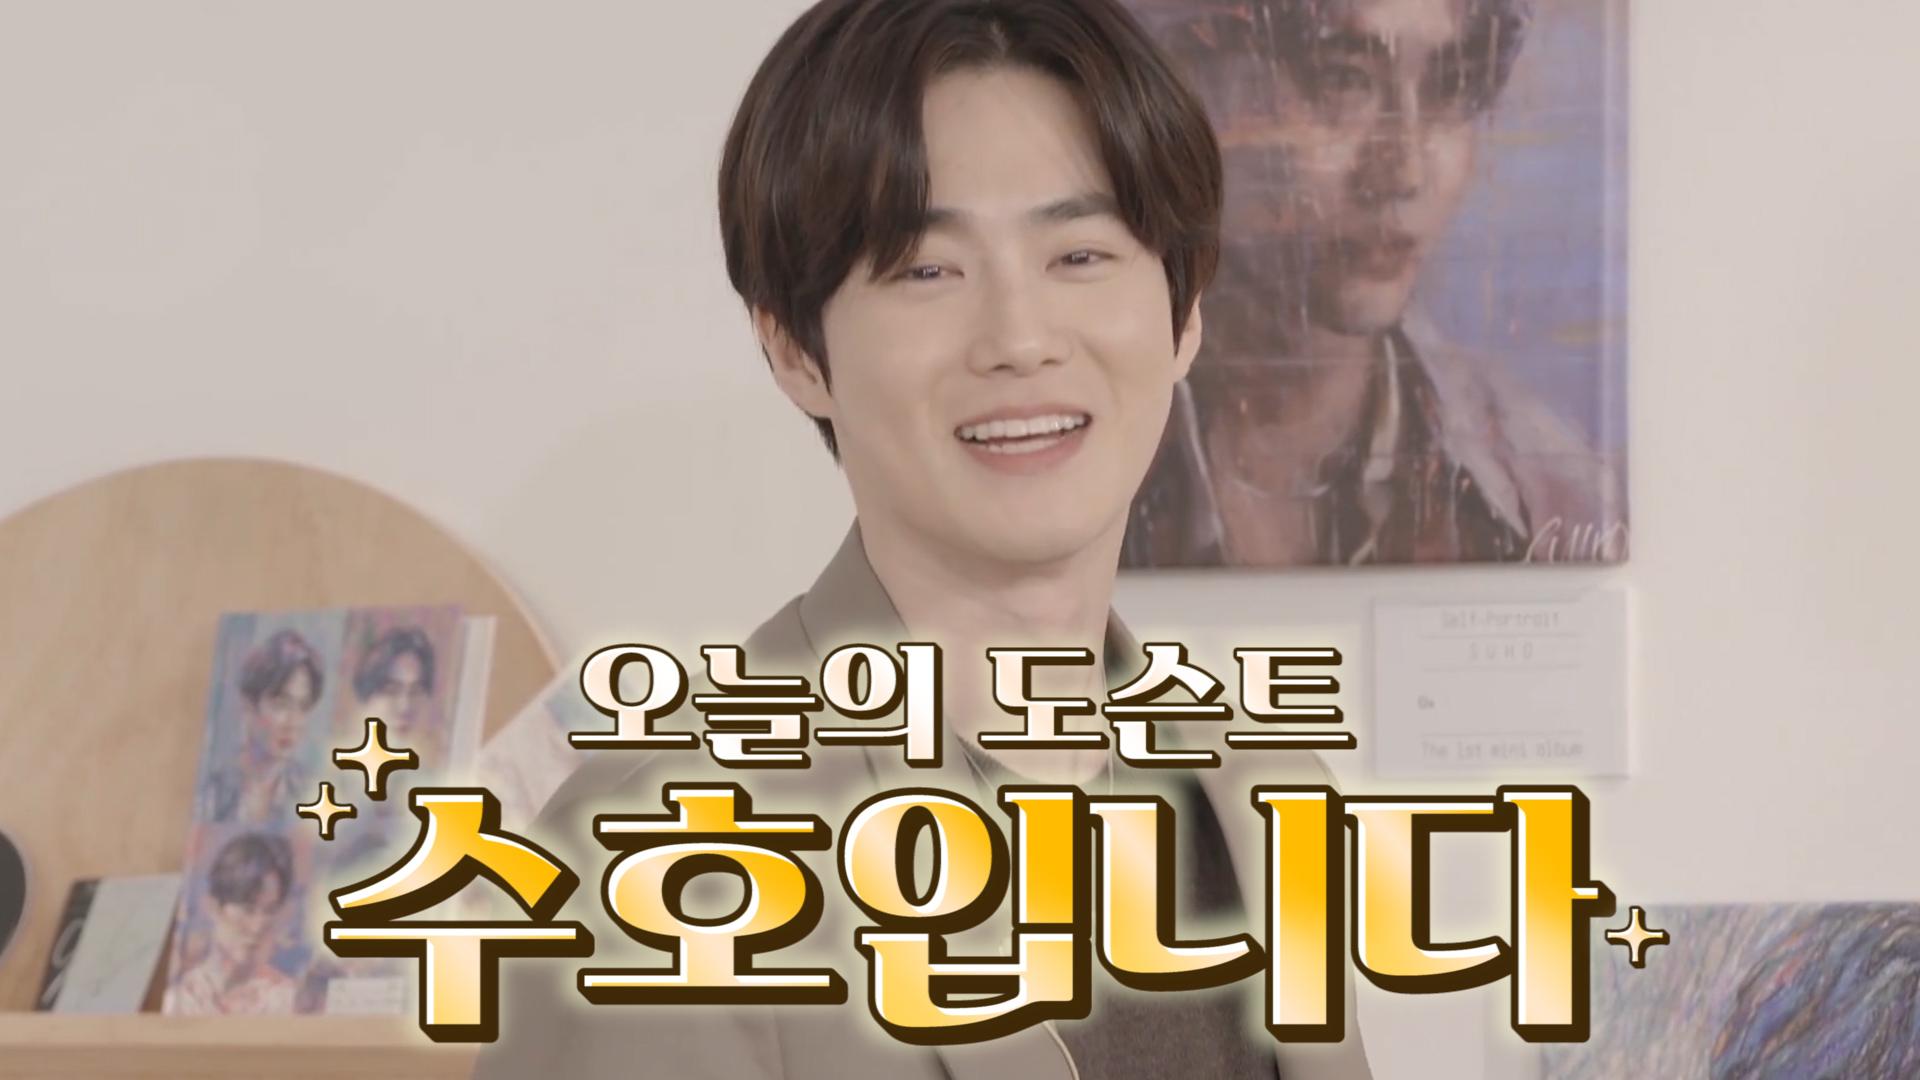 [EXO] 조각상이 노래하는 디지털 아트 전시회 수호展에 오신걸 환영합니다🎉❣️ (SUHO talking about his new album)